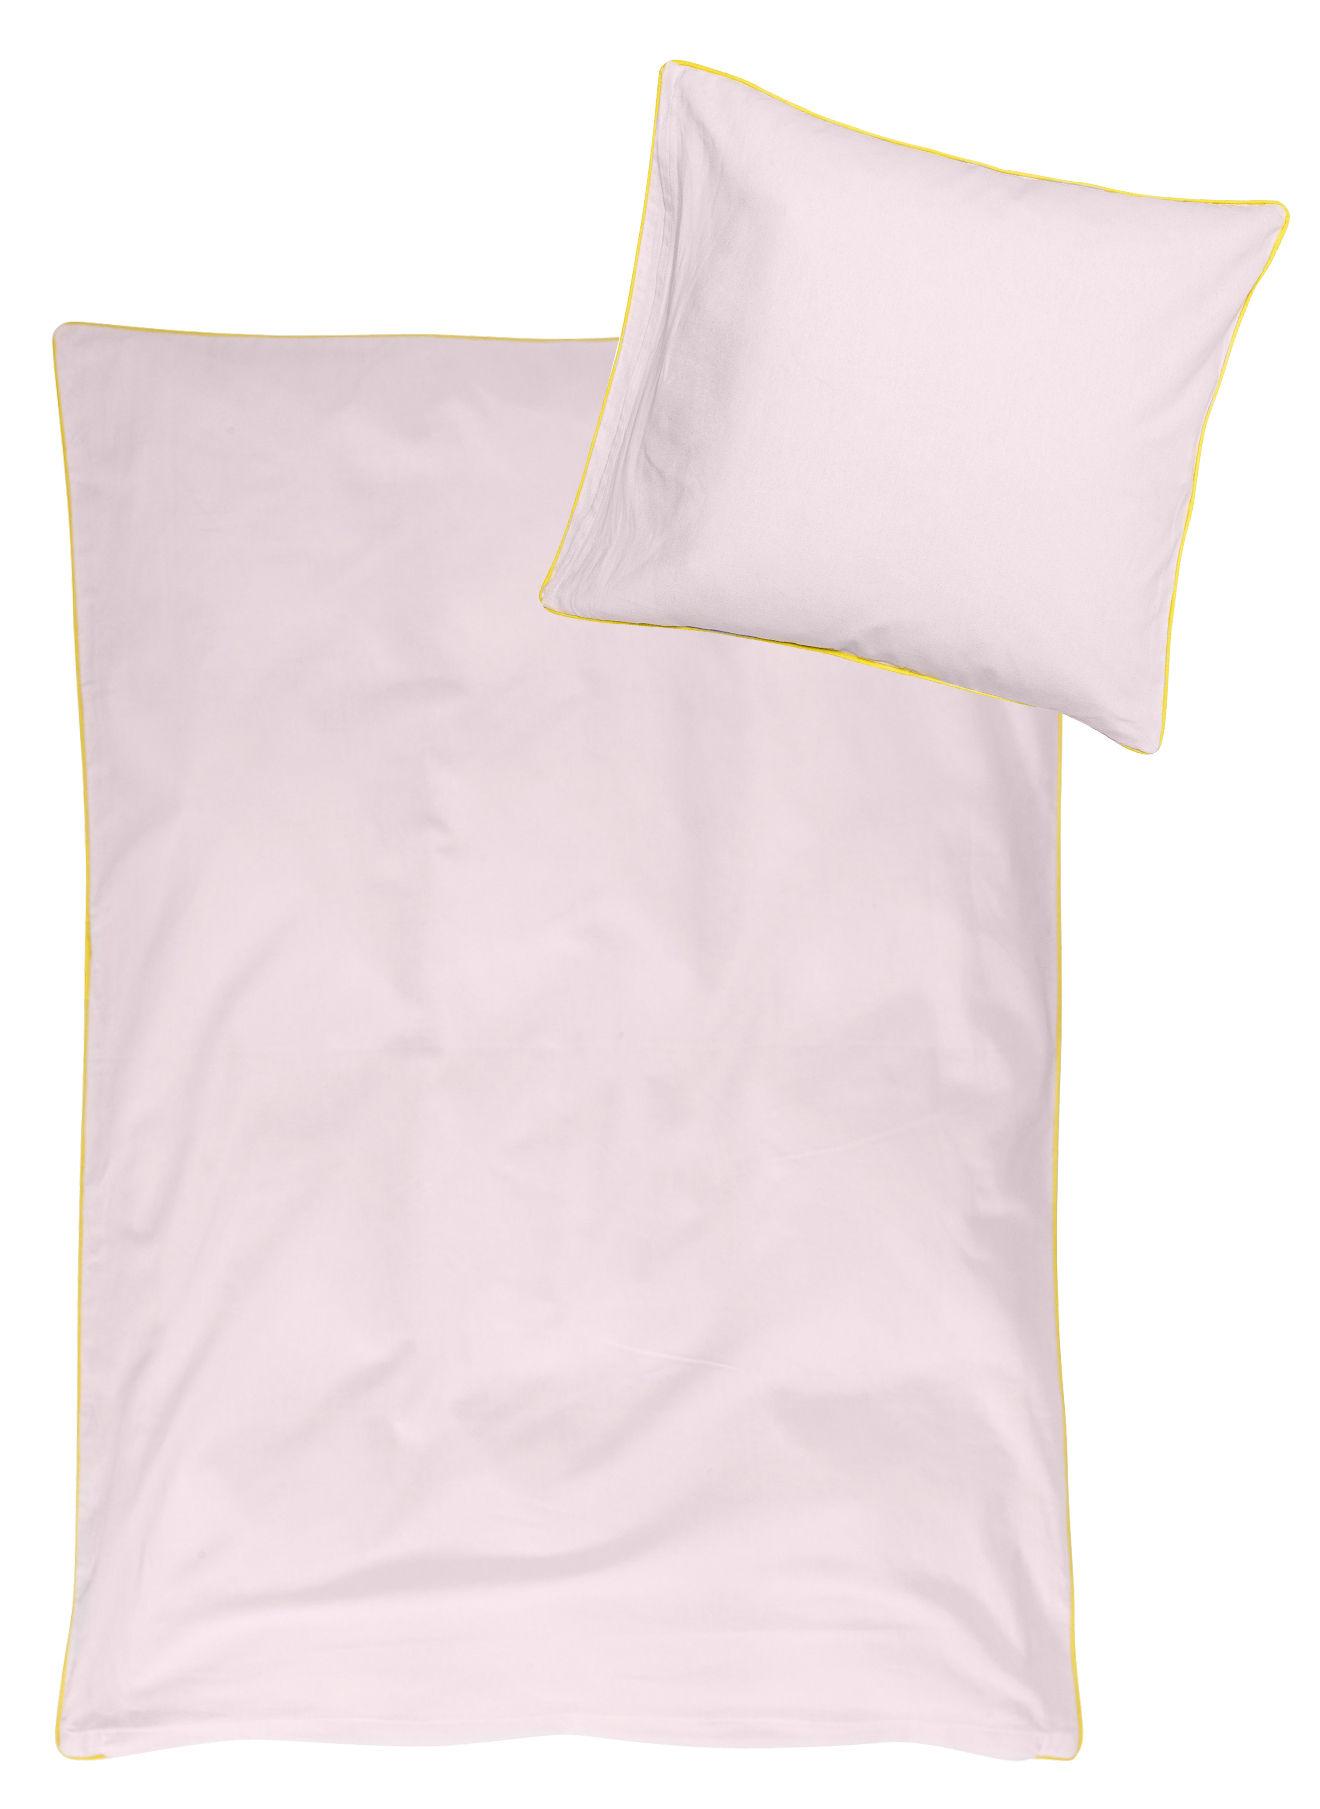 liva bettw sche f r kinderbett 100 x 140 cm 100 x 140 cm wei mit rosa p nktchen gelber. Black Bedroom Furniture Sets. Home Design Ideas